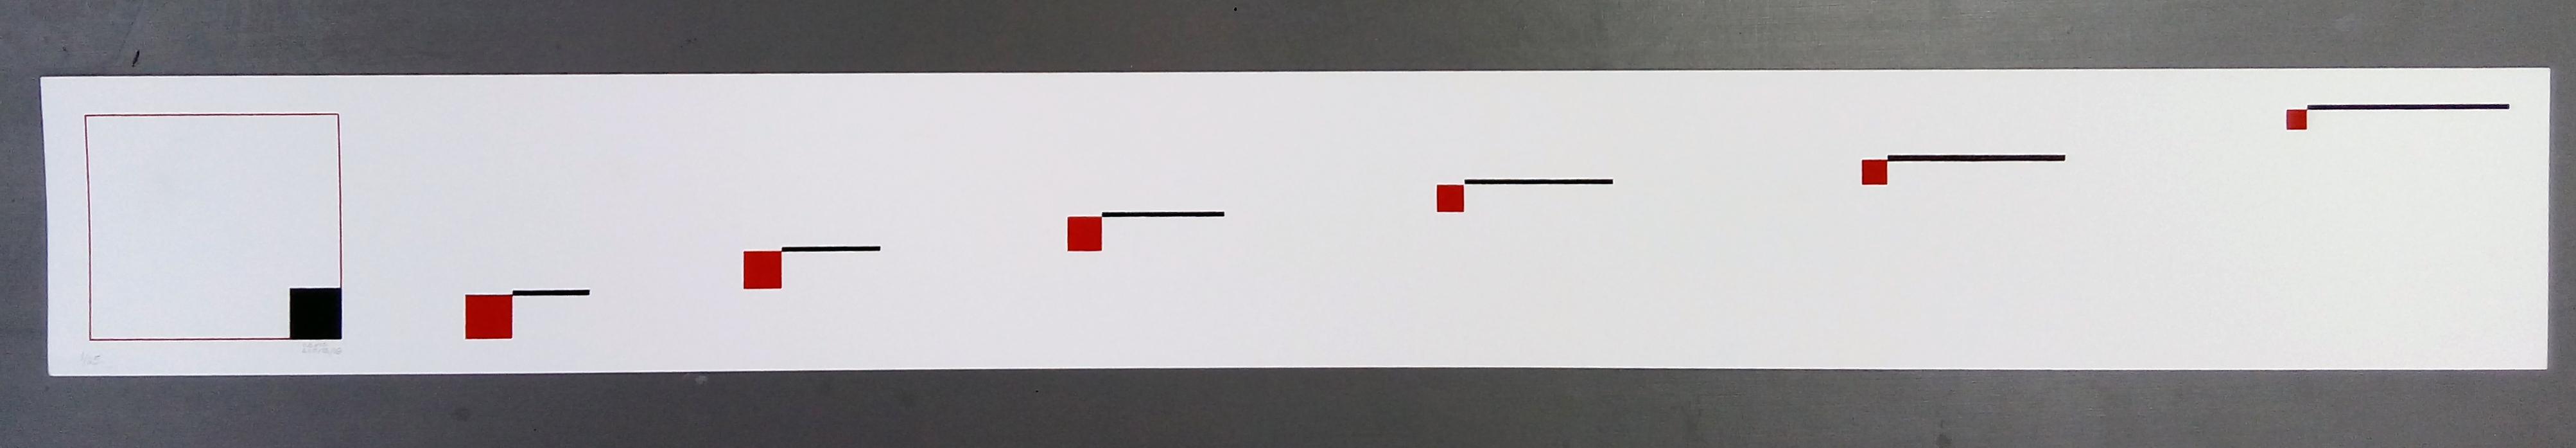 CT573 - 100x012